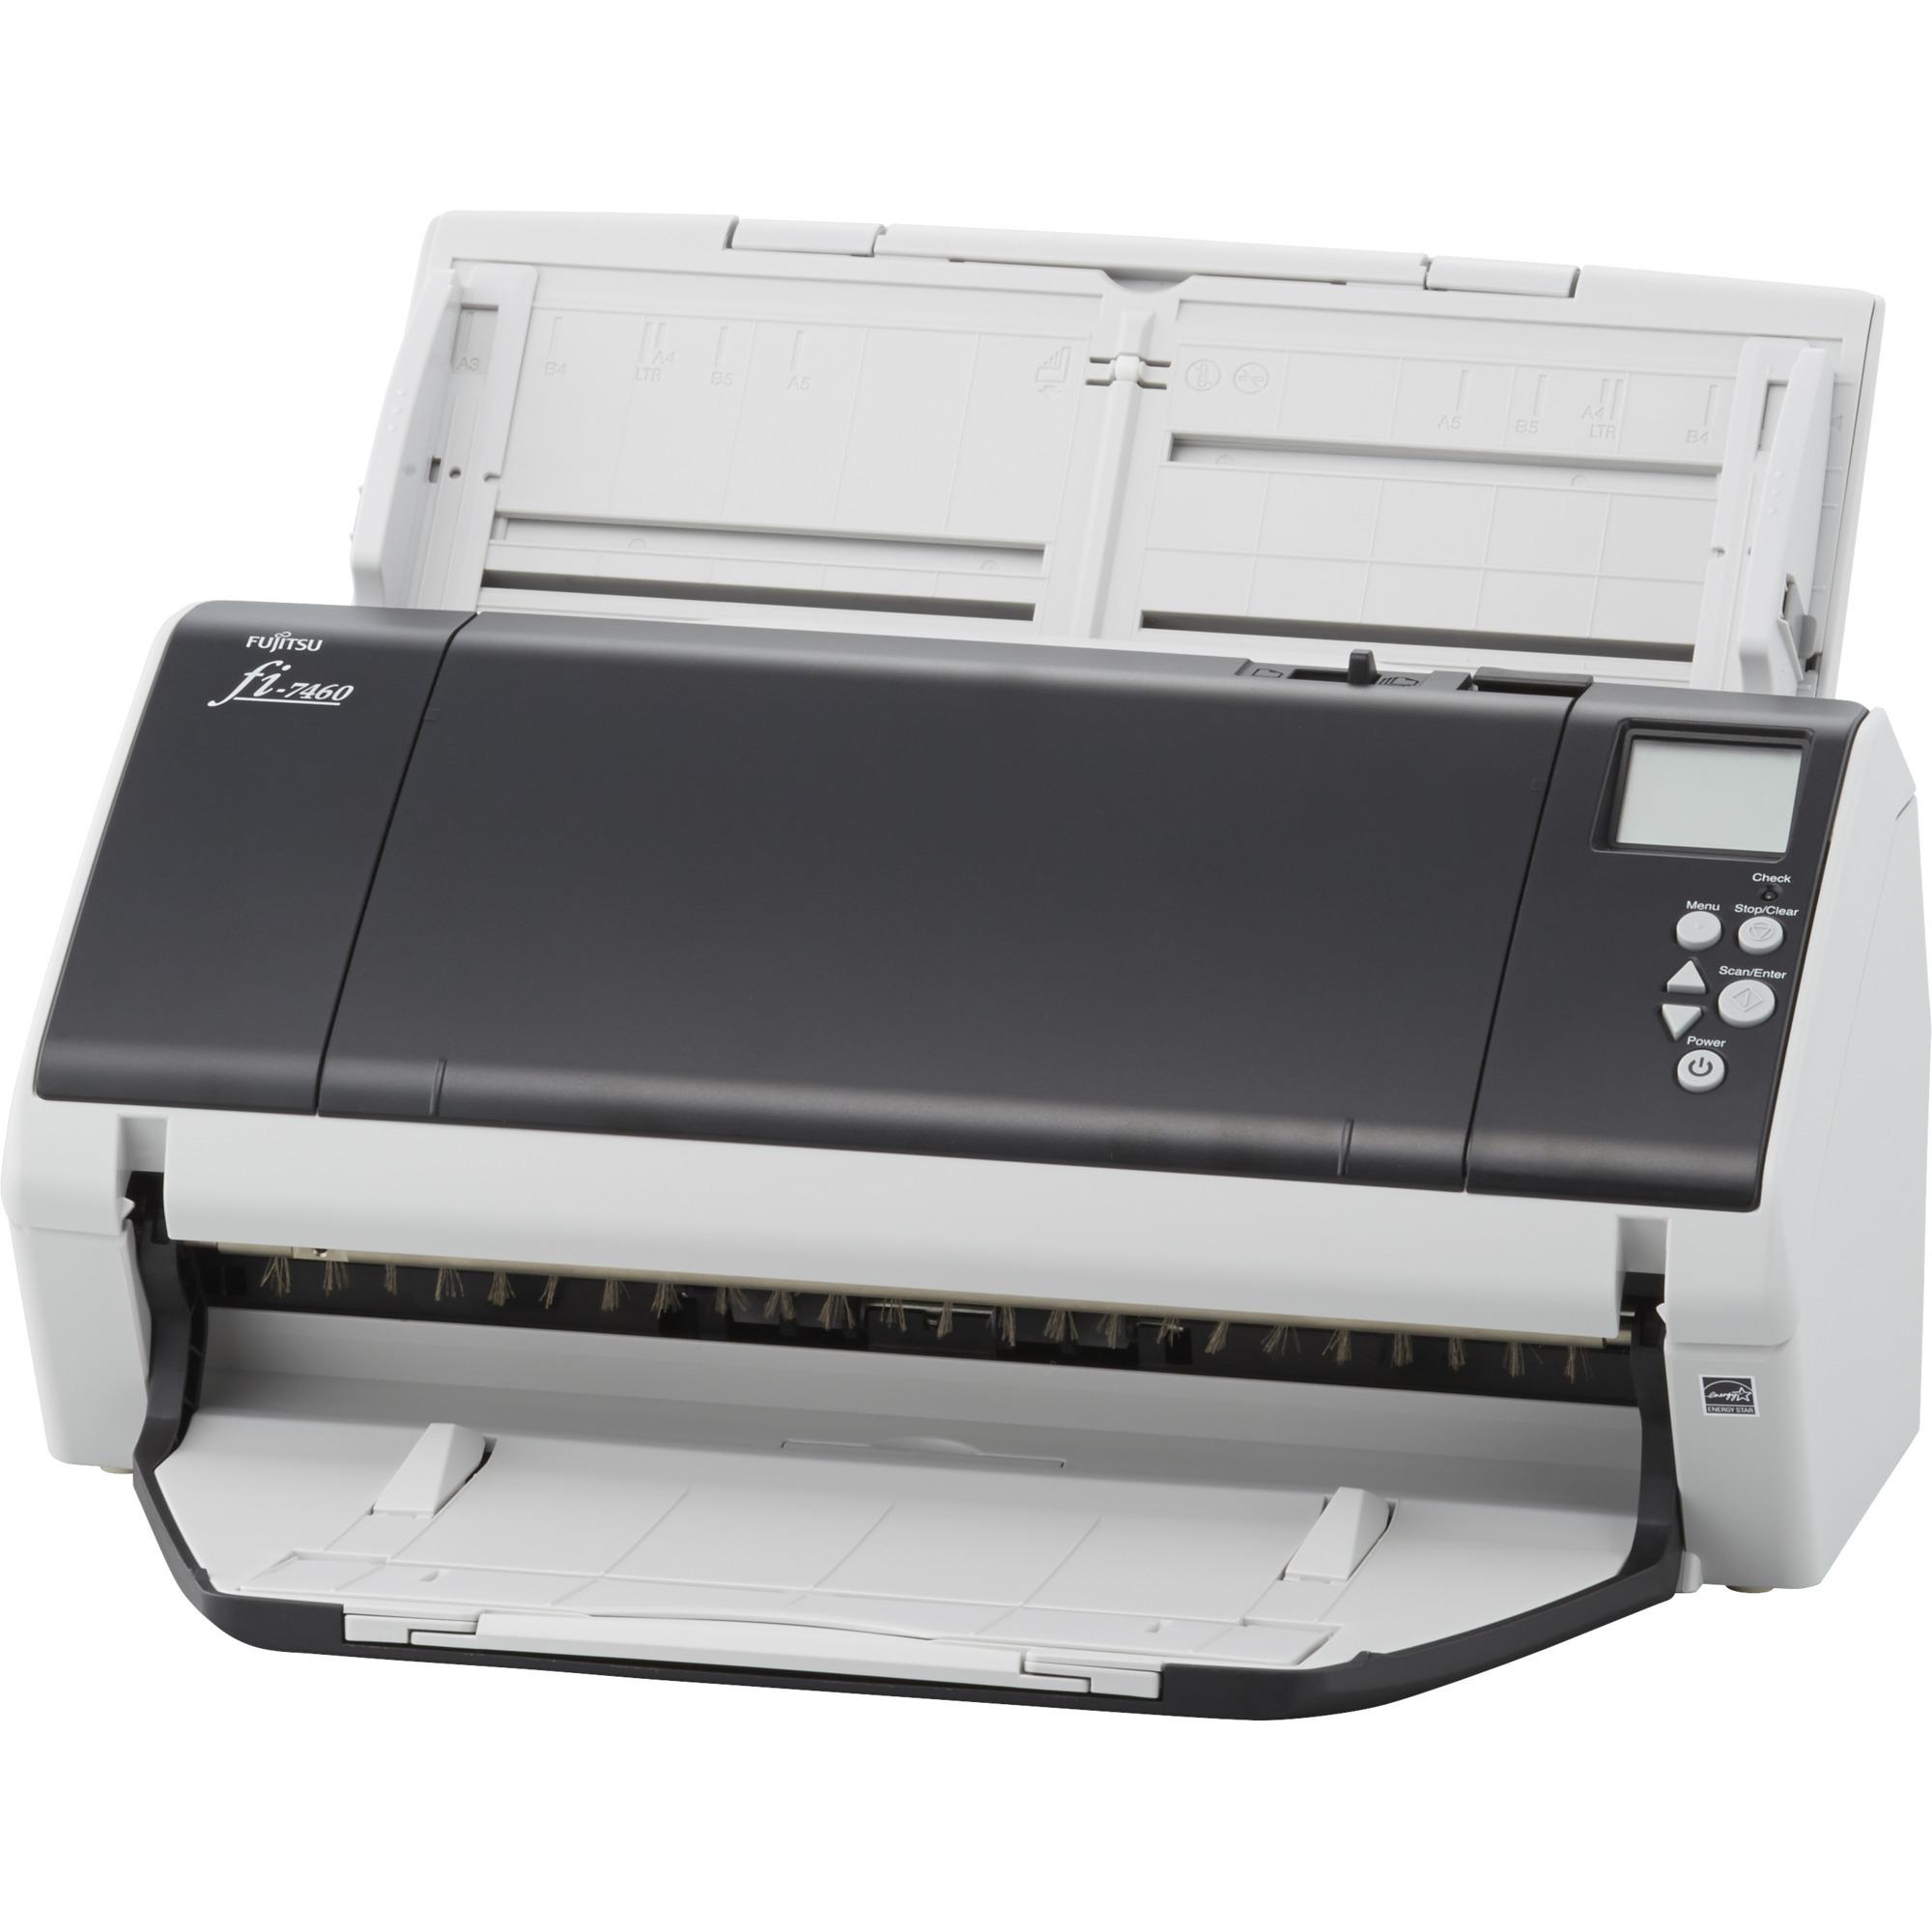 fi-7460 ADF scanner 600 x 600DPI A4 Gris, Blanc